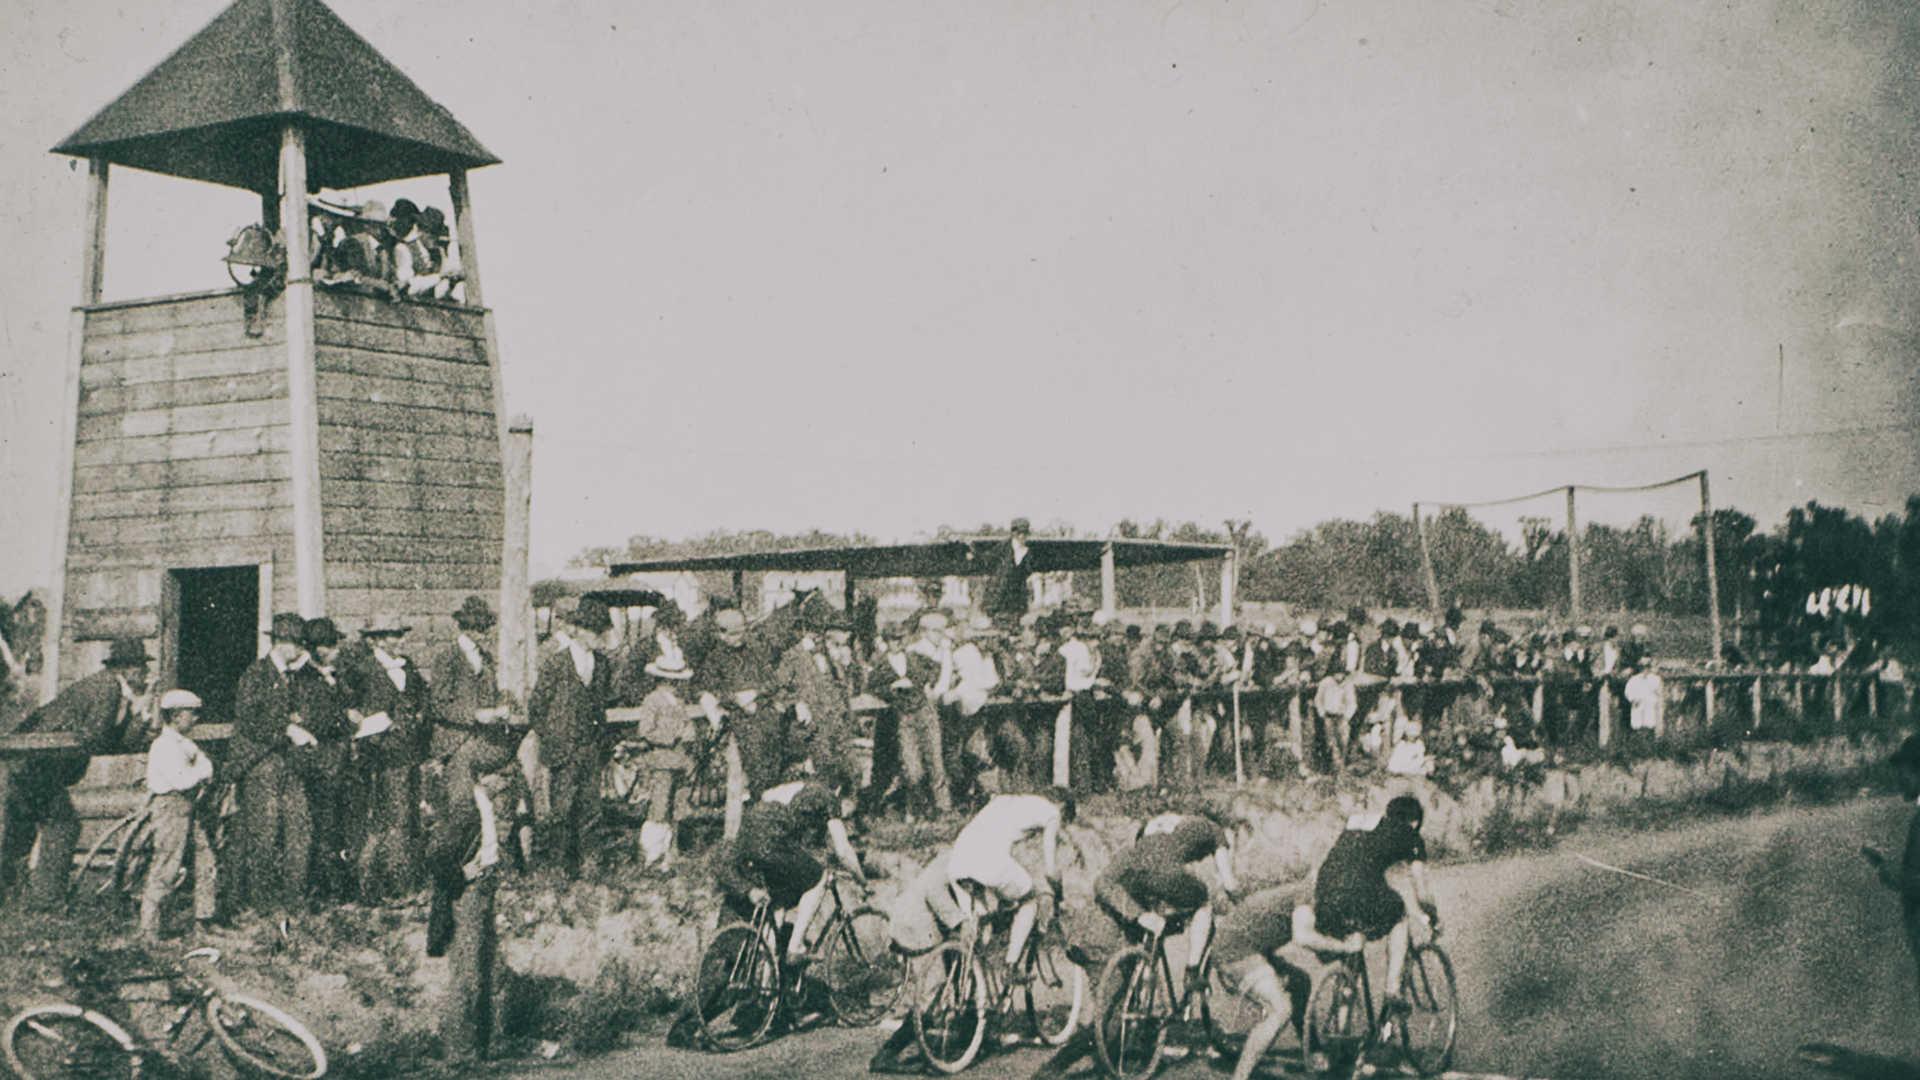 Trek carreras Waterloo JoanSeguidor